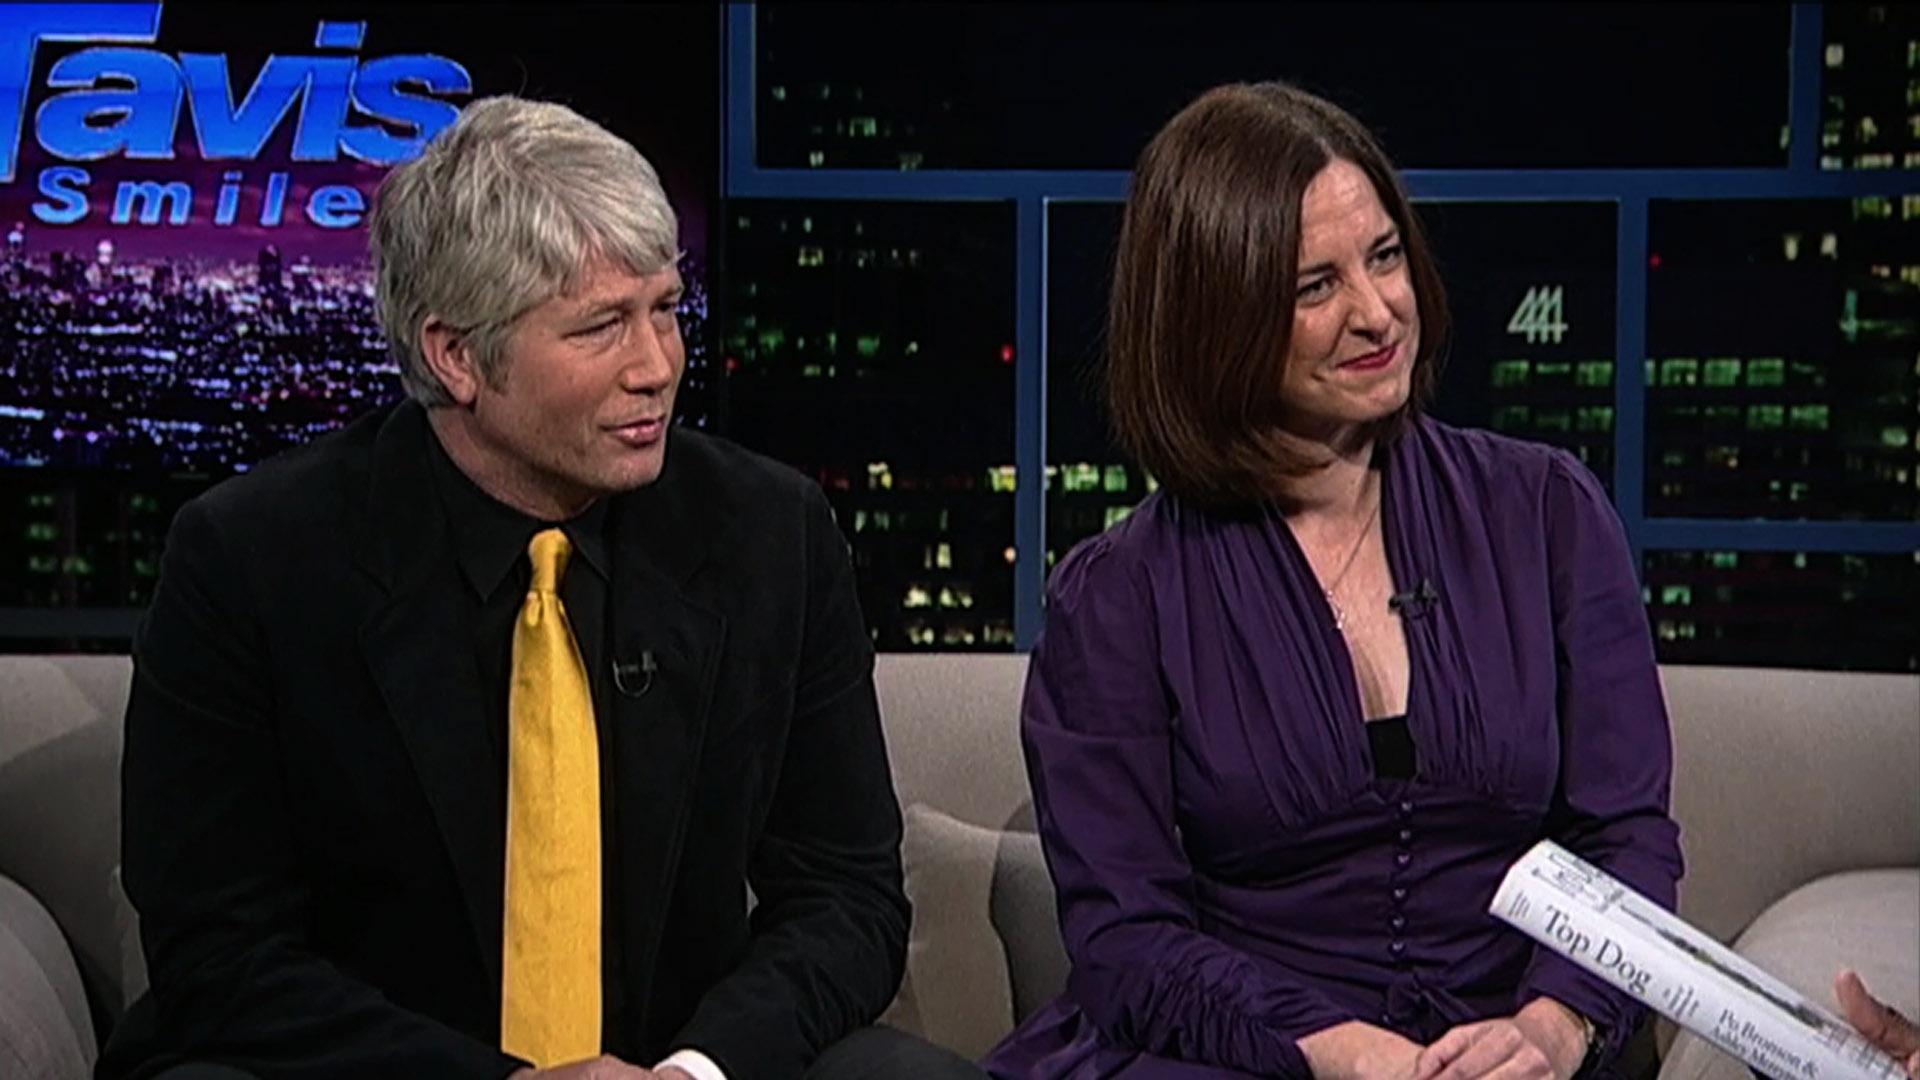 Authors Po Bronson & Ashley Merryman image